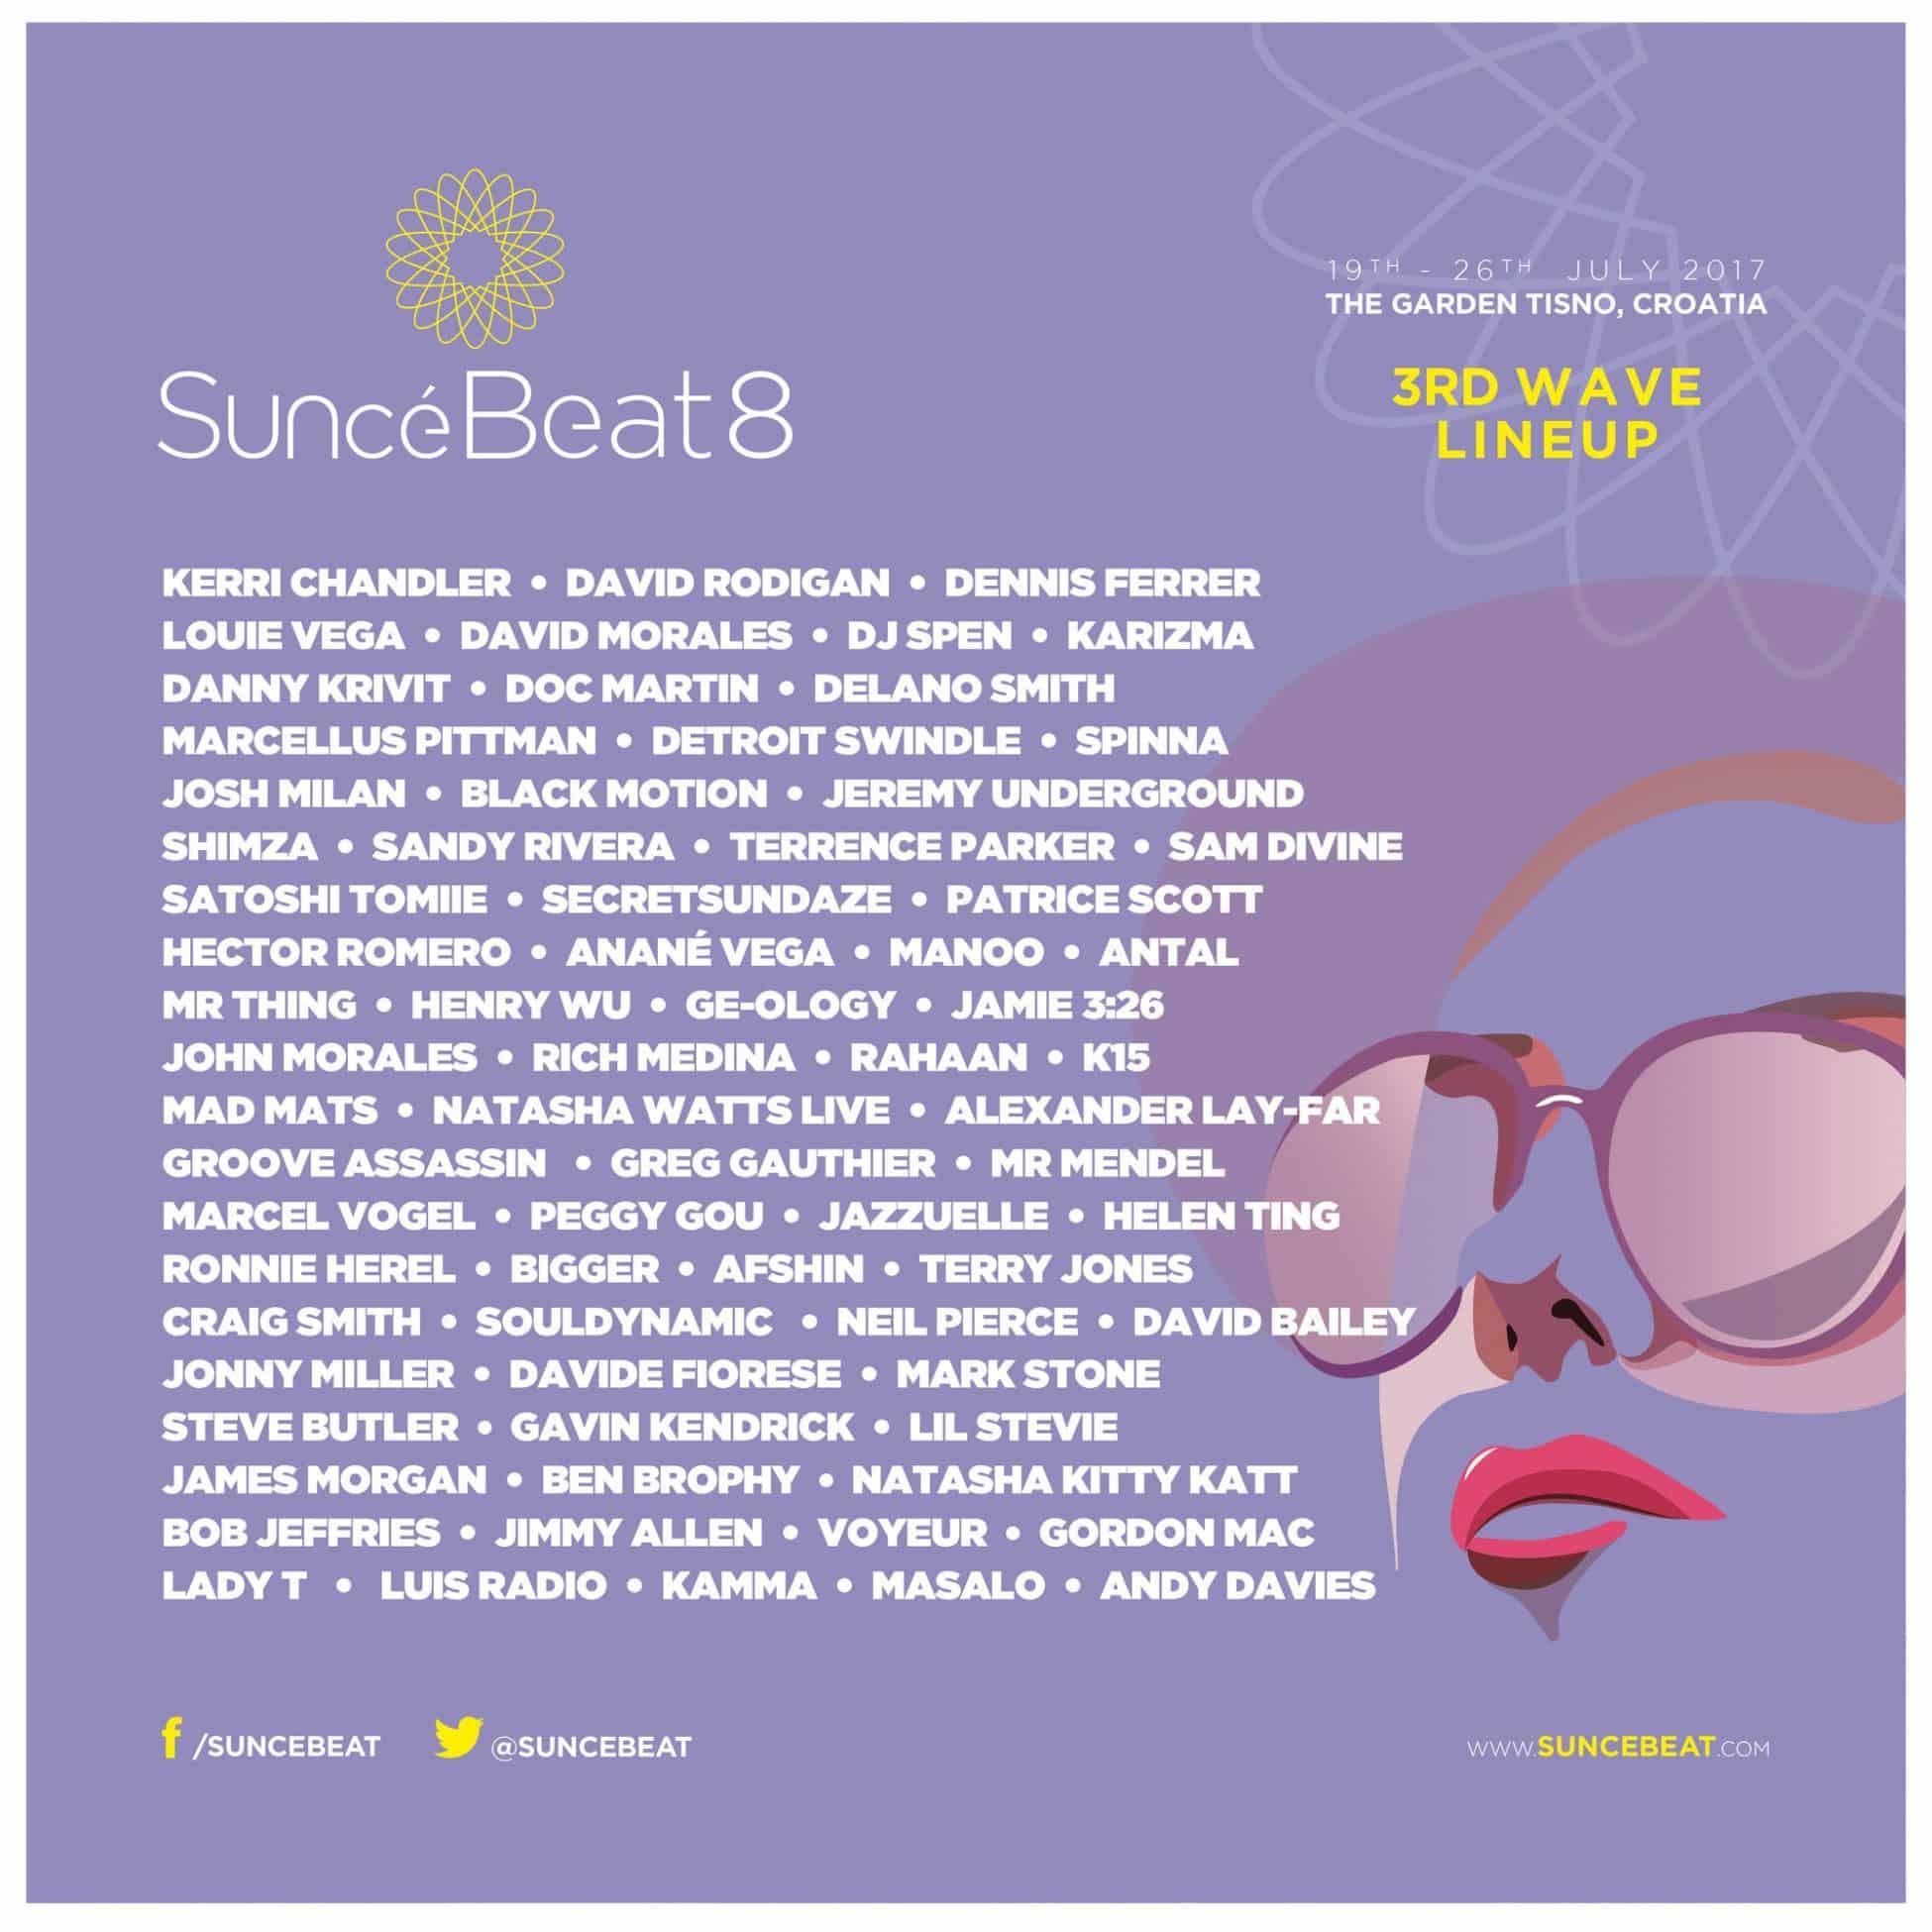 suncebeat 8